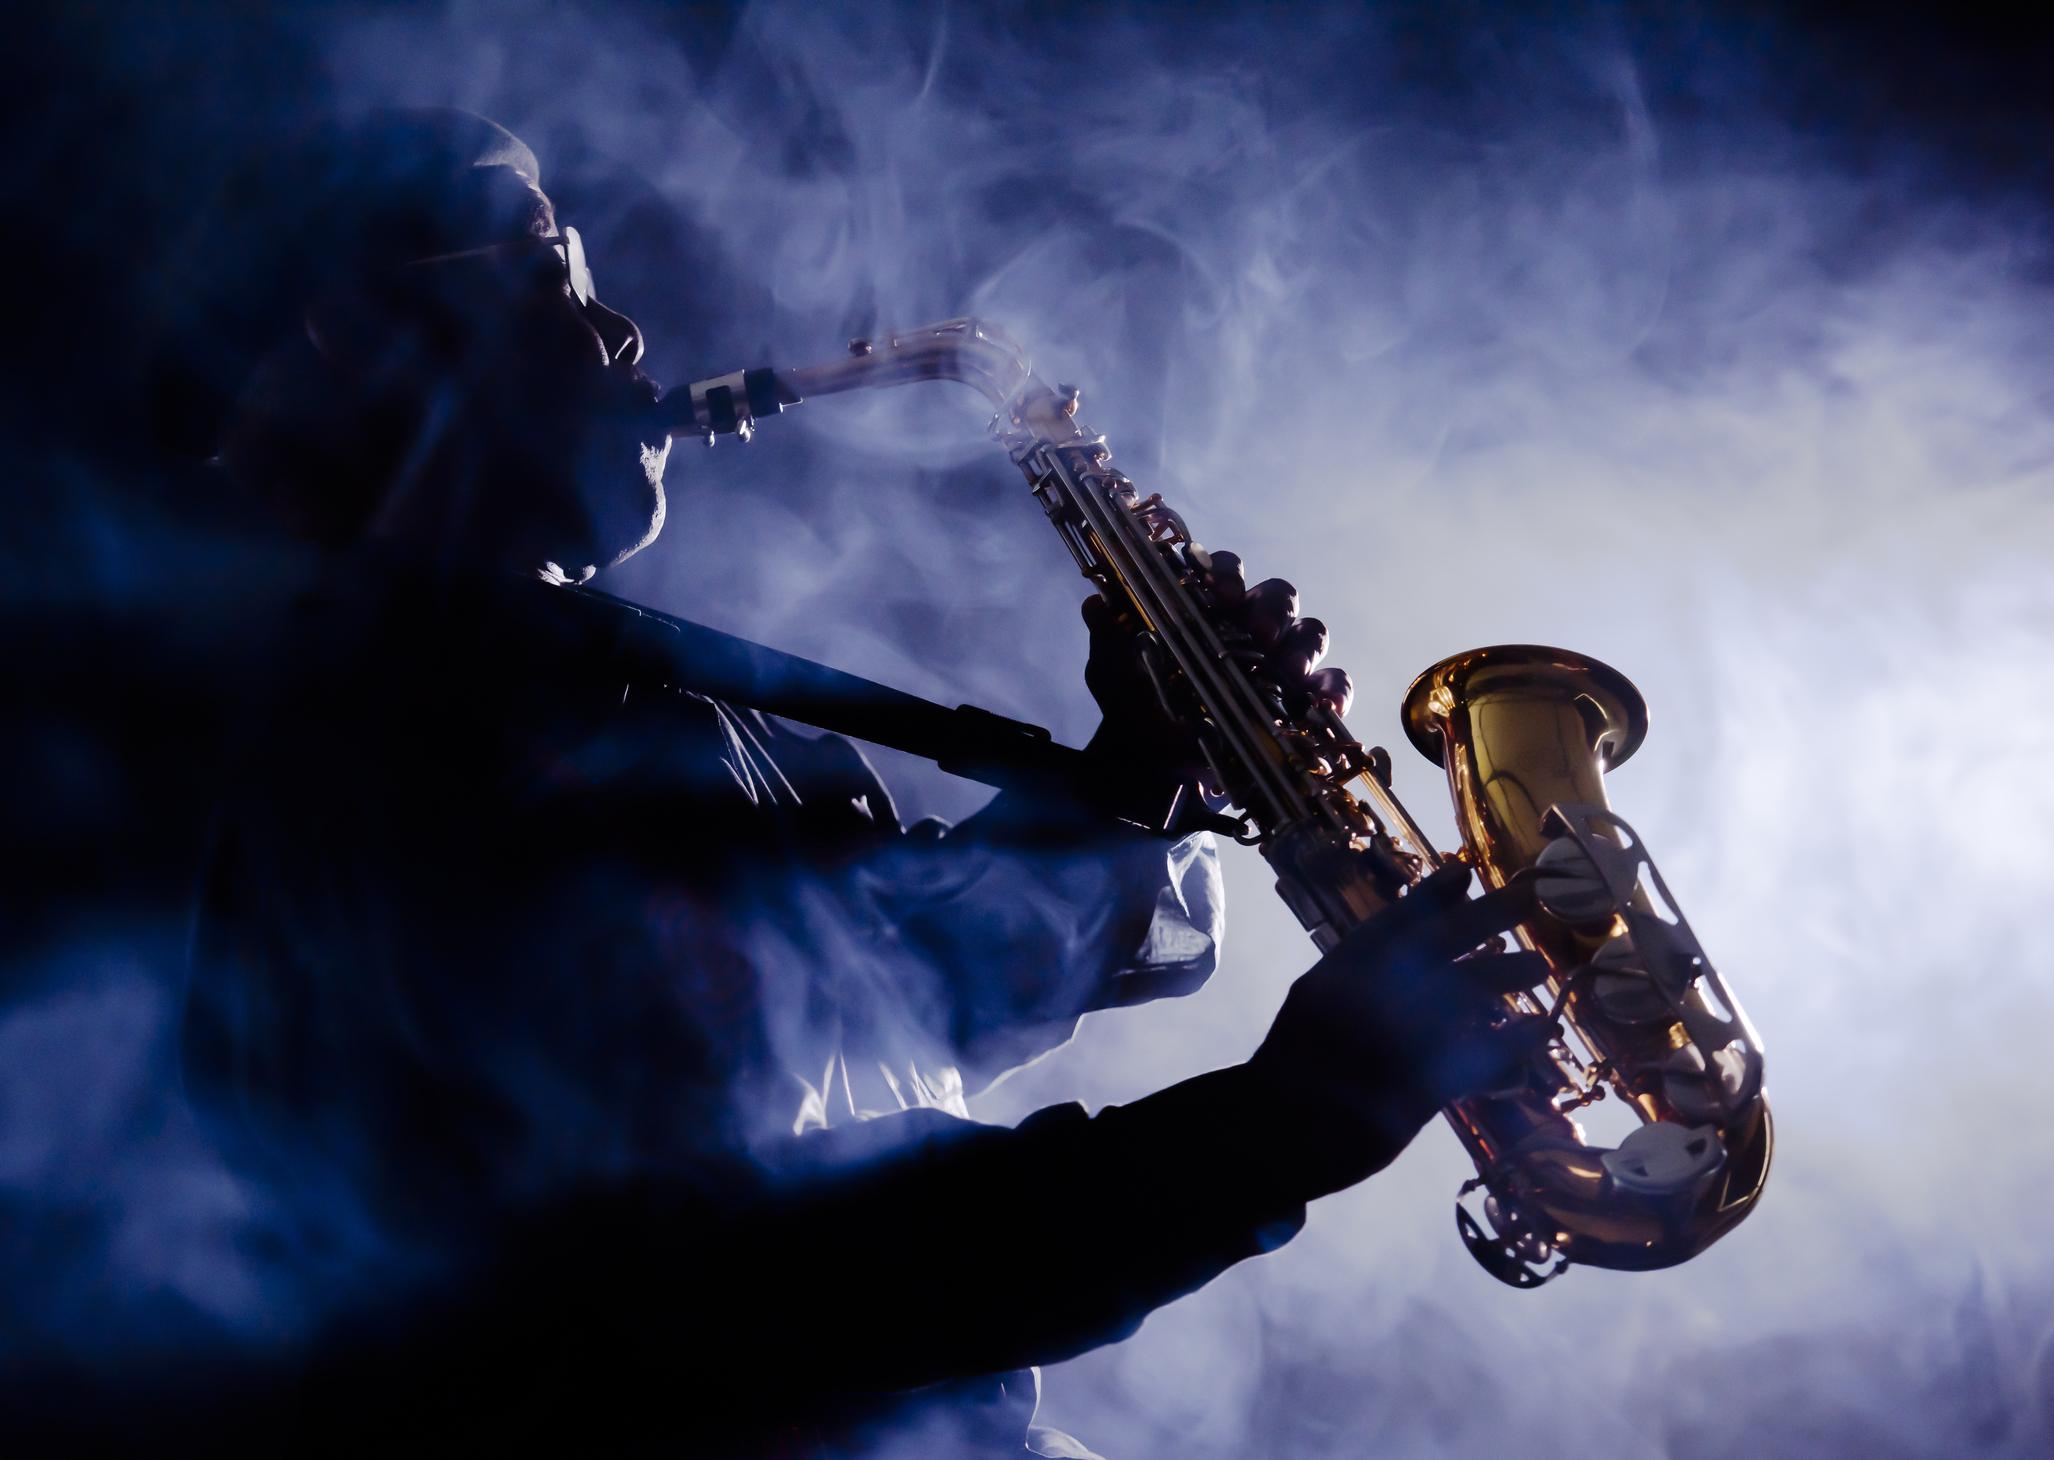 Jazz-musiikissa improvisaatiolla on suuri merkitys